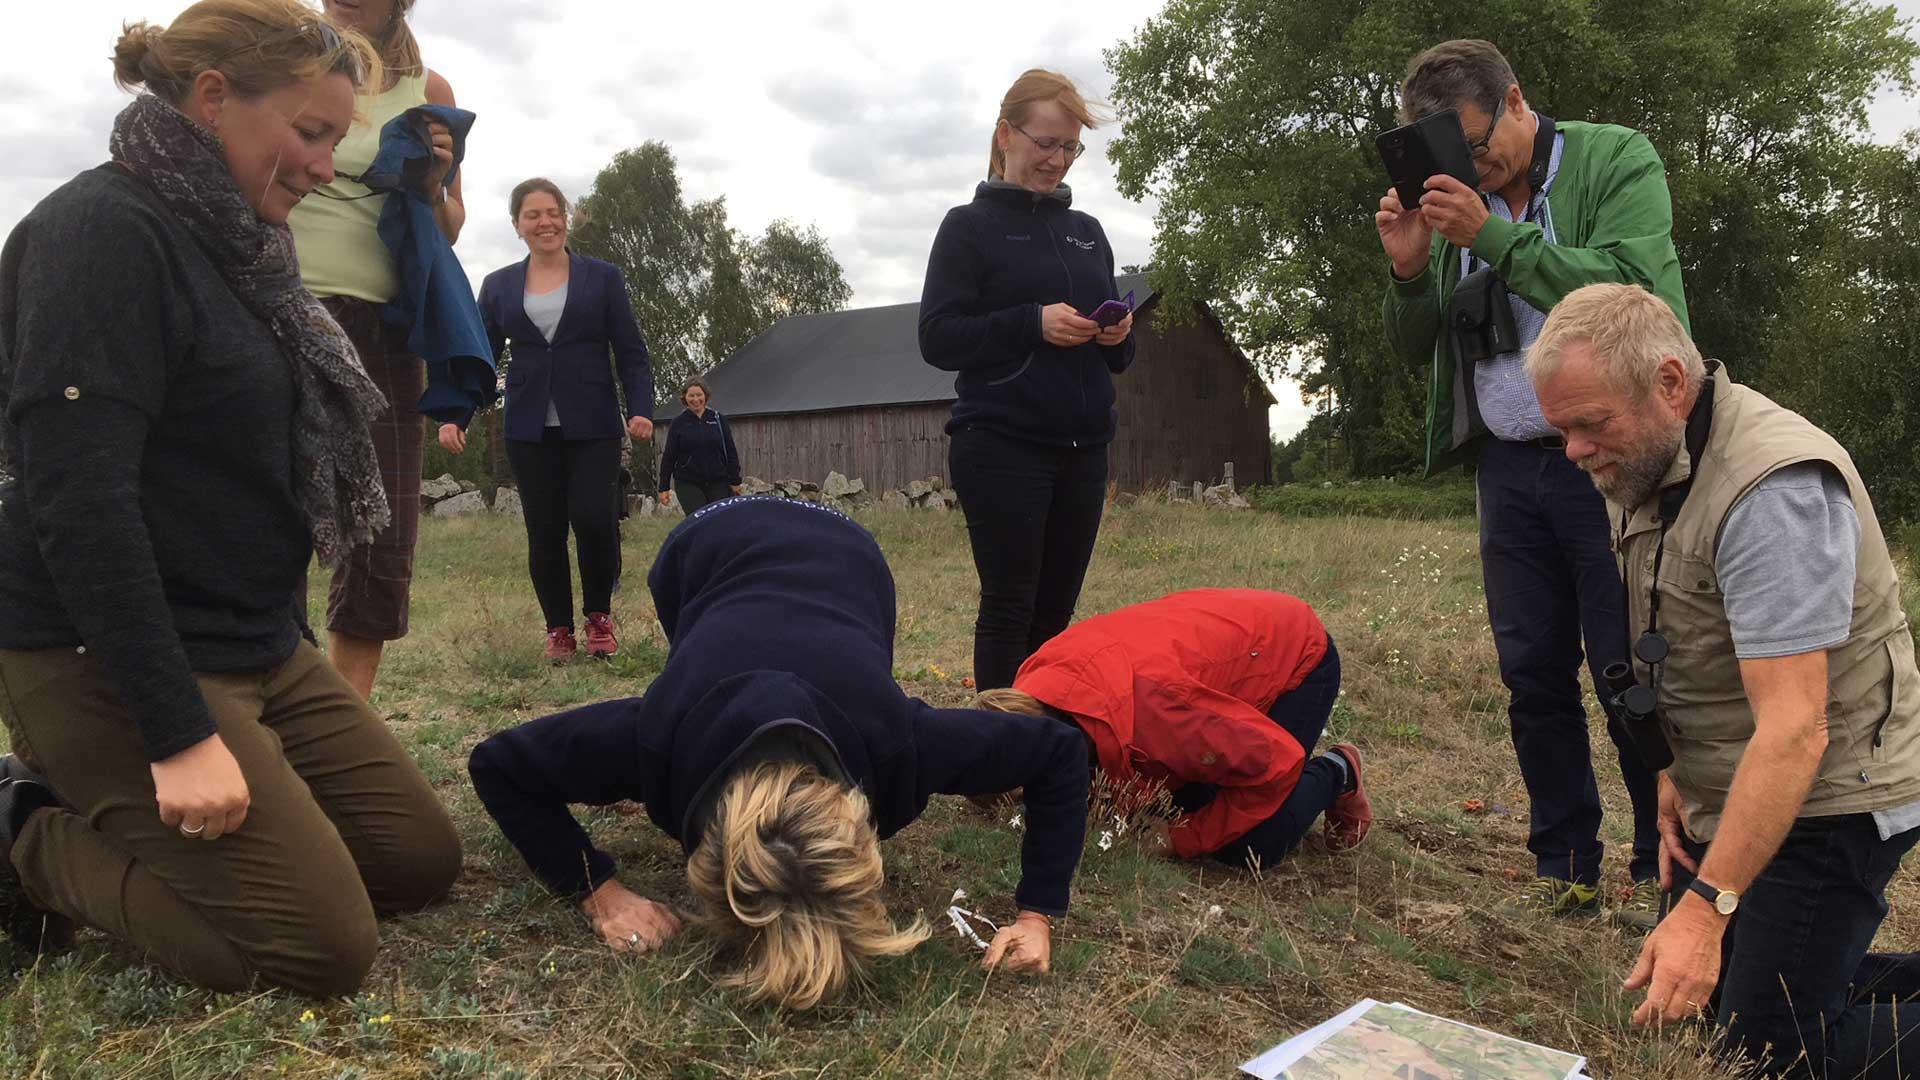 Nordiska ministerrådets expertgrupp TEG besöker Sånnarna. Foto: Åsa Pearce